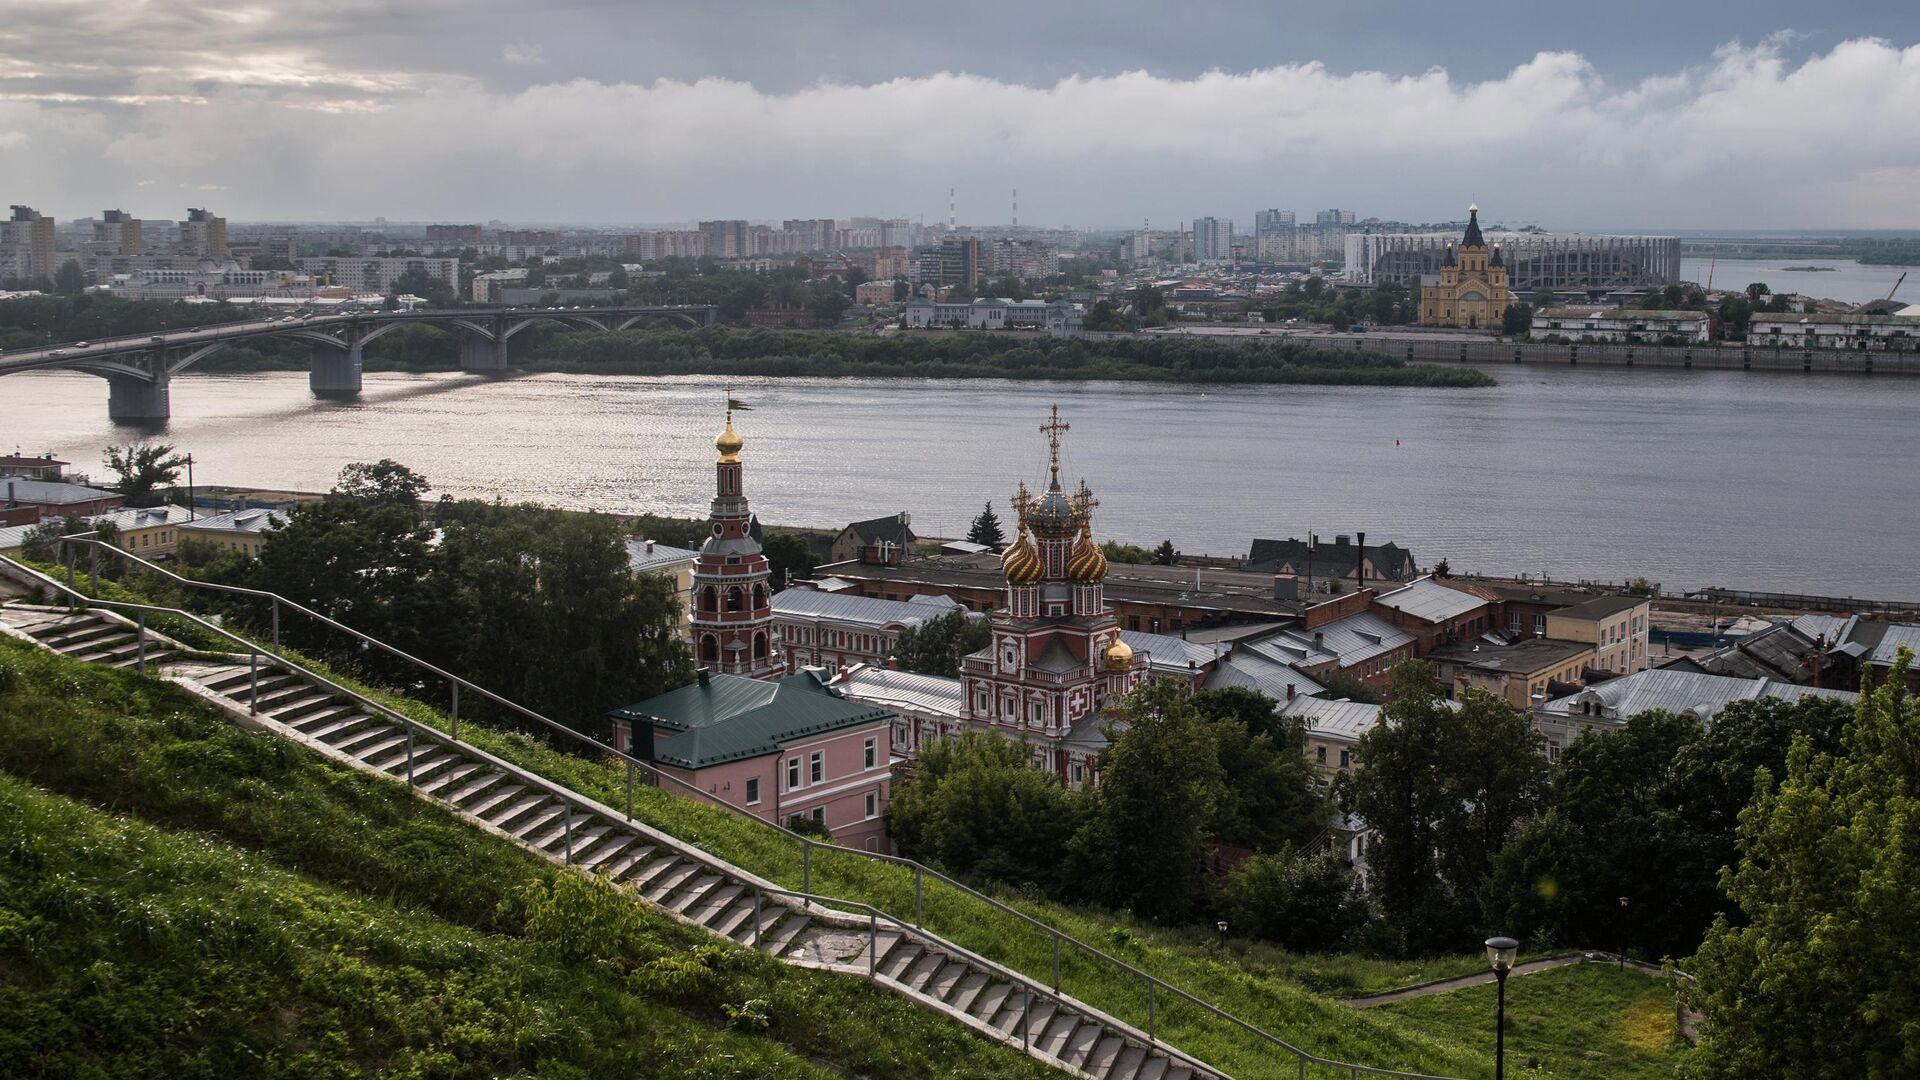 Церковь собора Пресвятой Богородицы в Нижнем Новгороде - РИА Новости, 1920, 16.07.2021